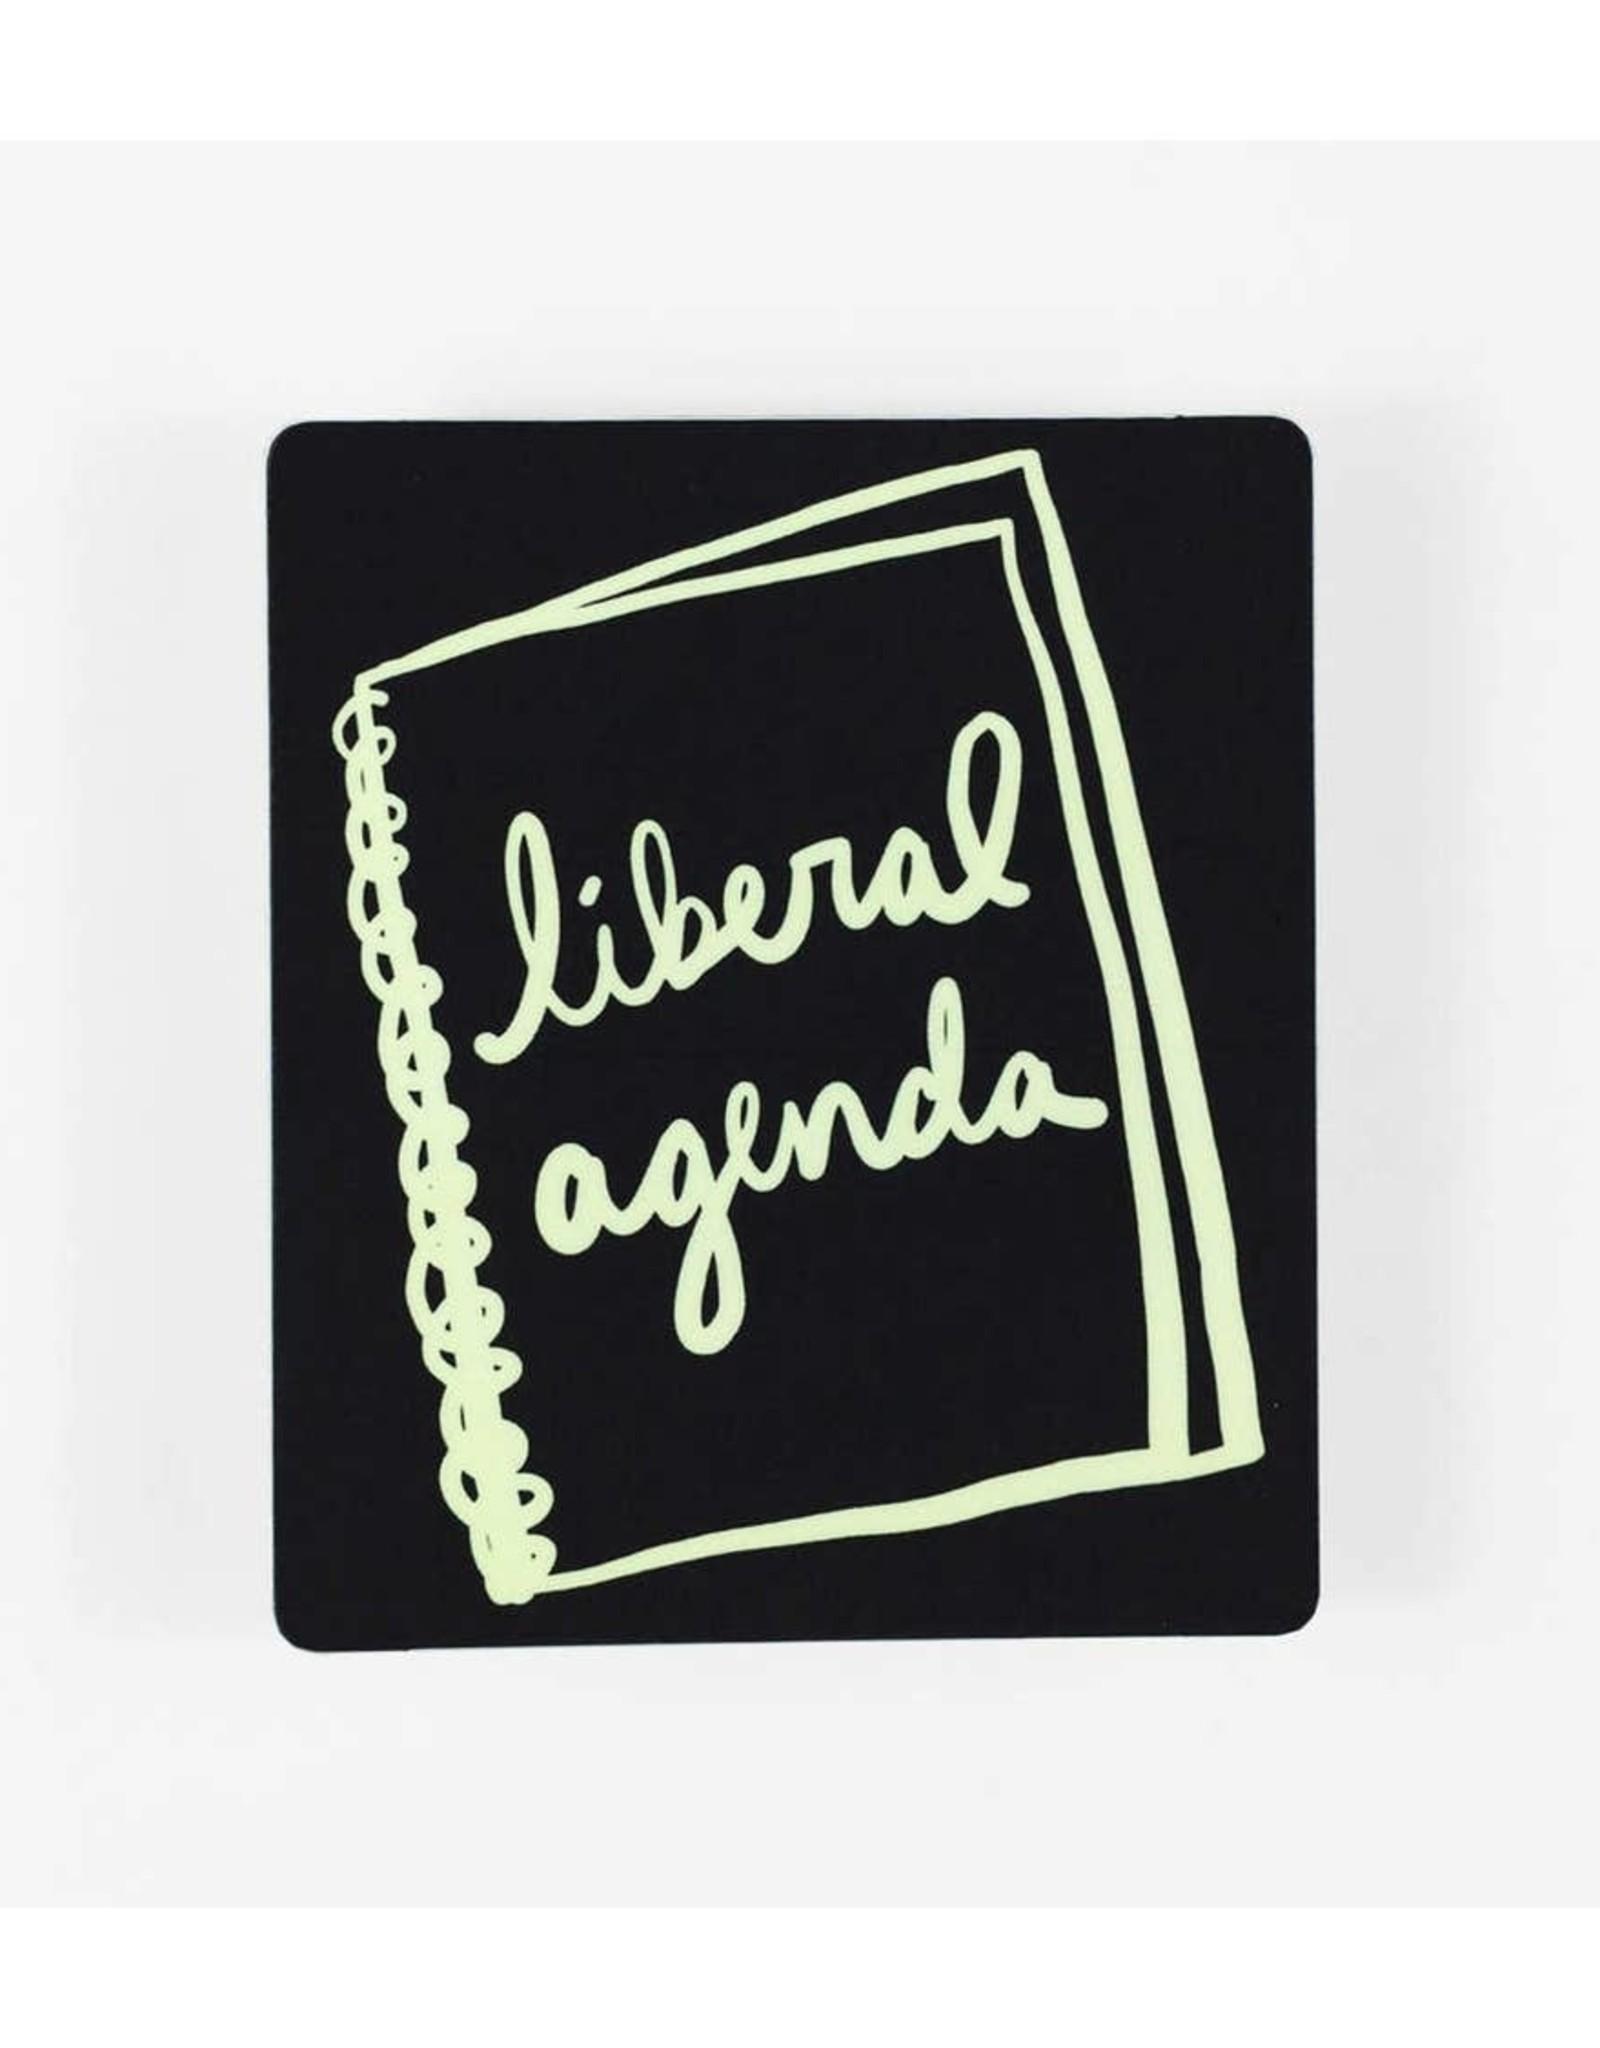 Sticker: Liberal Agenda